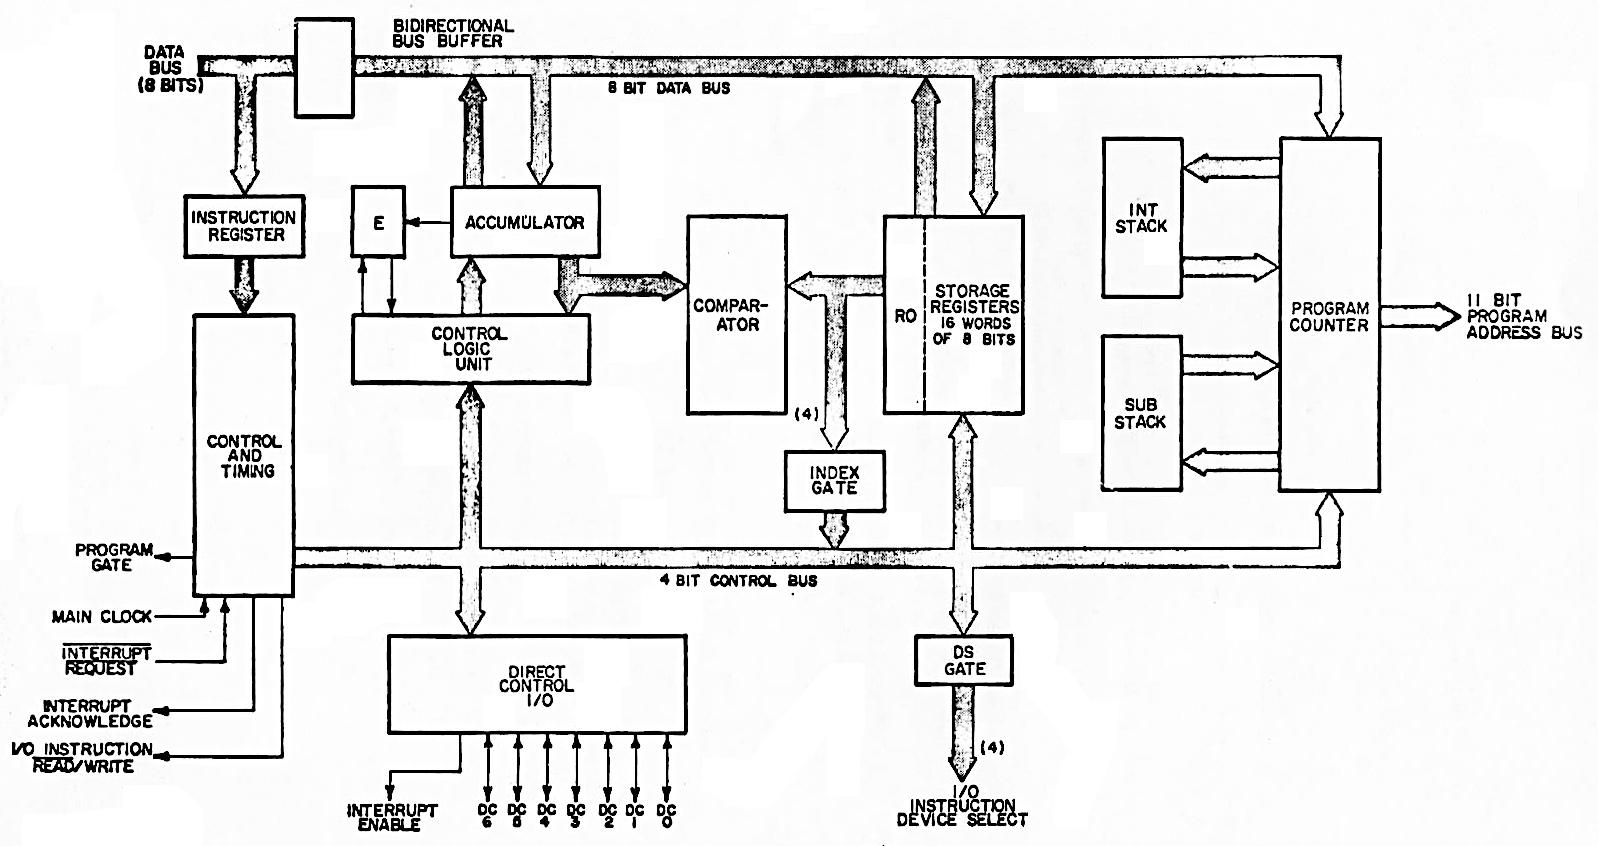 Внутренности HP Nanoprocessor: высокоскоростной процессор, не умеющий складывать - 3